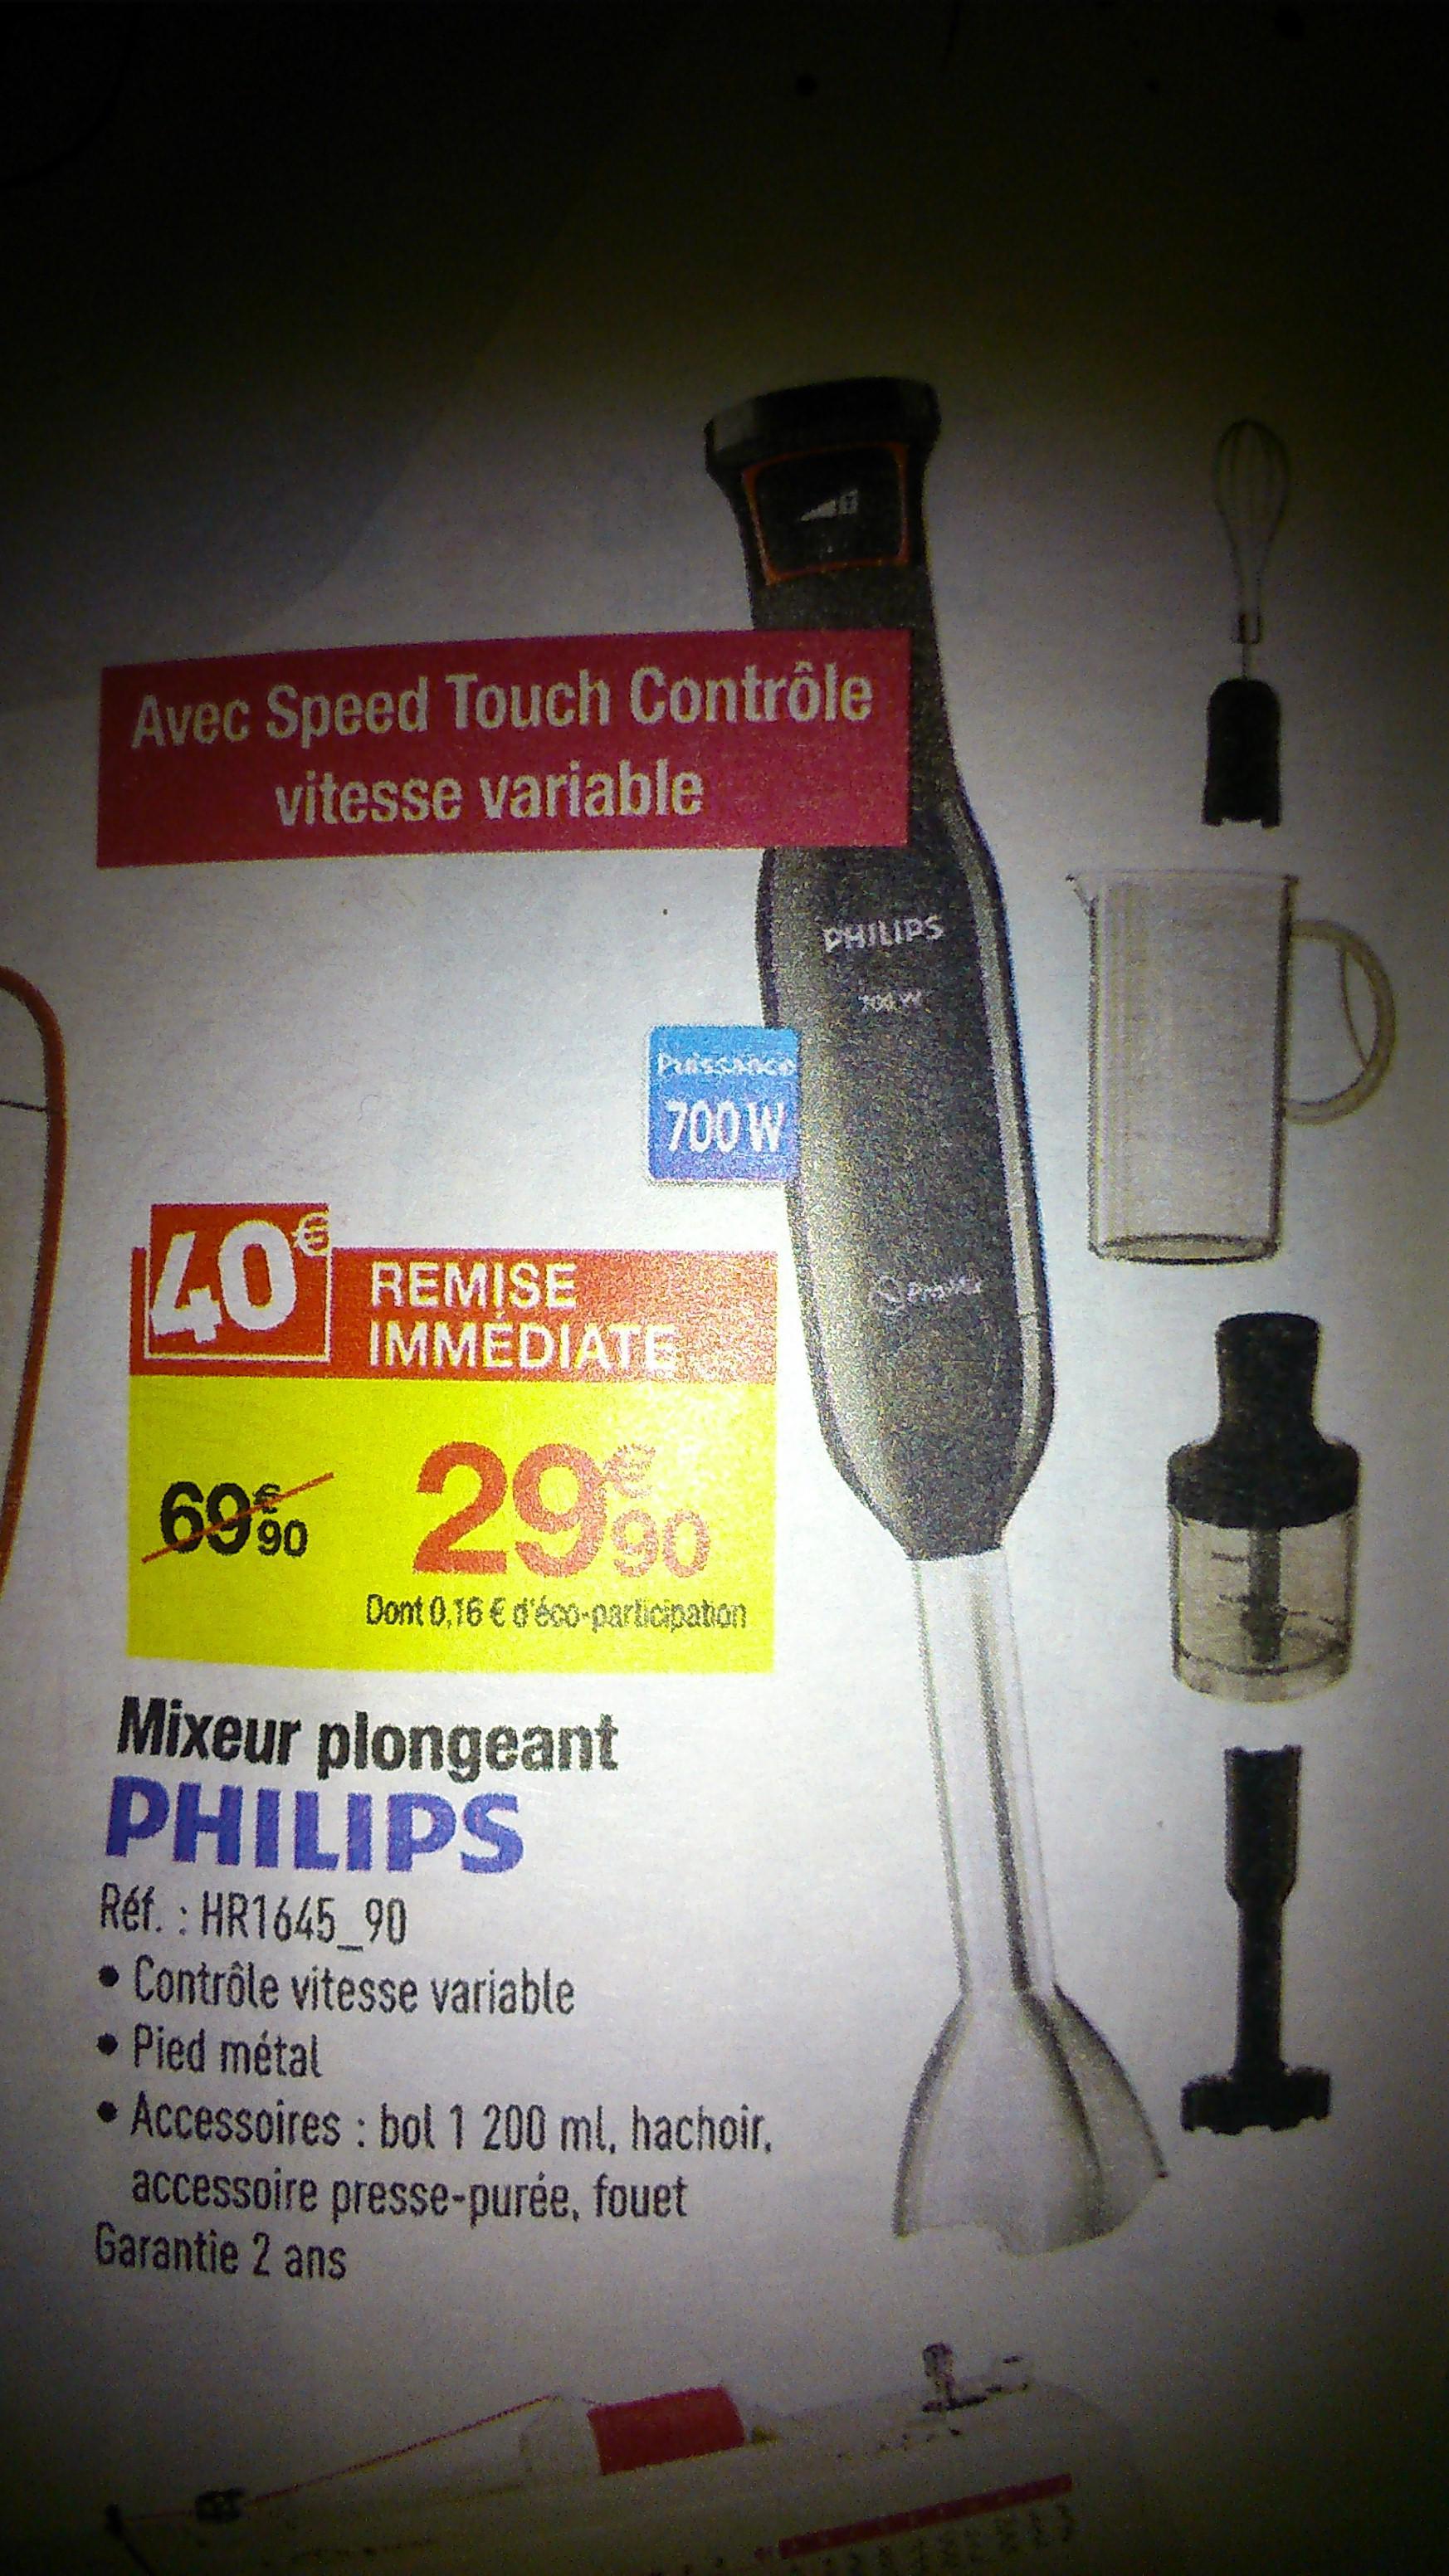 Mixeur plongeant Philips HR1645/90 + Accessoires